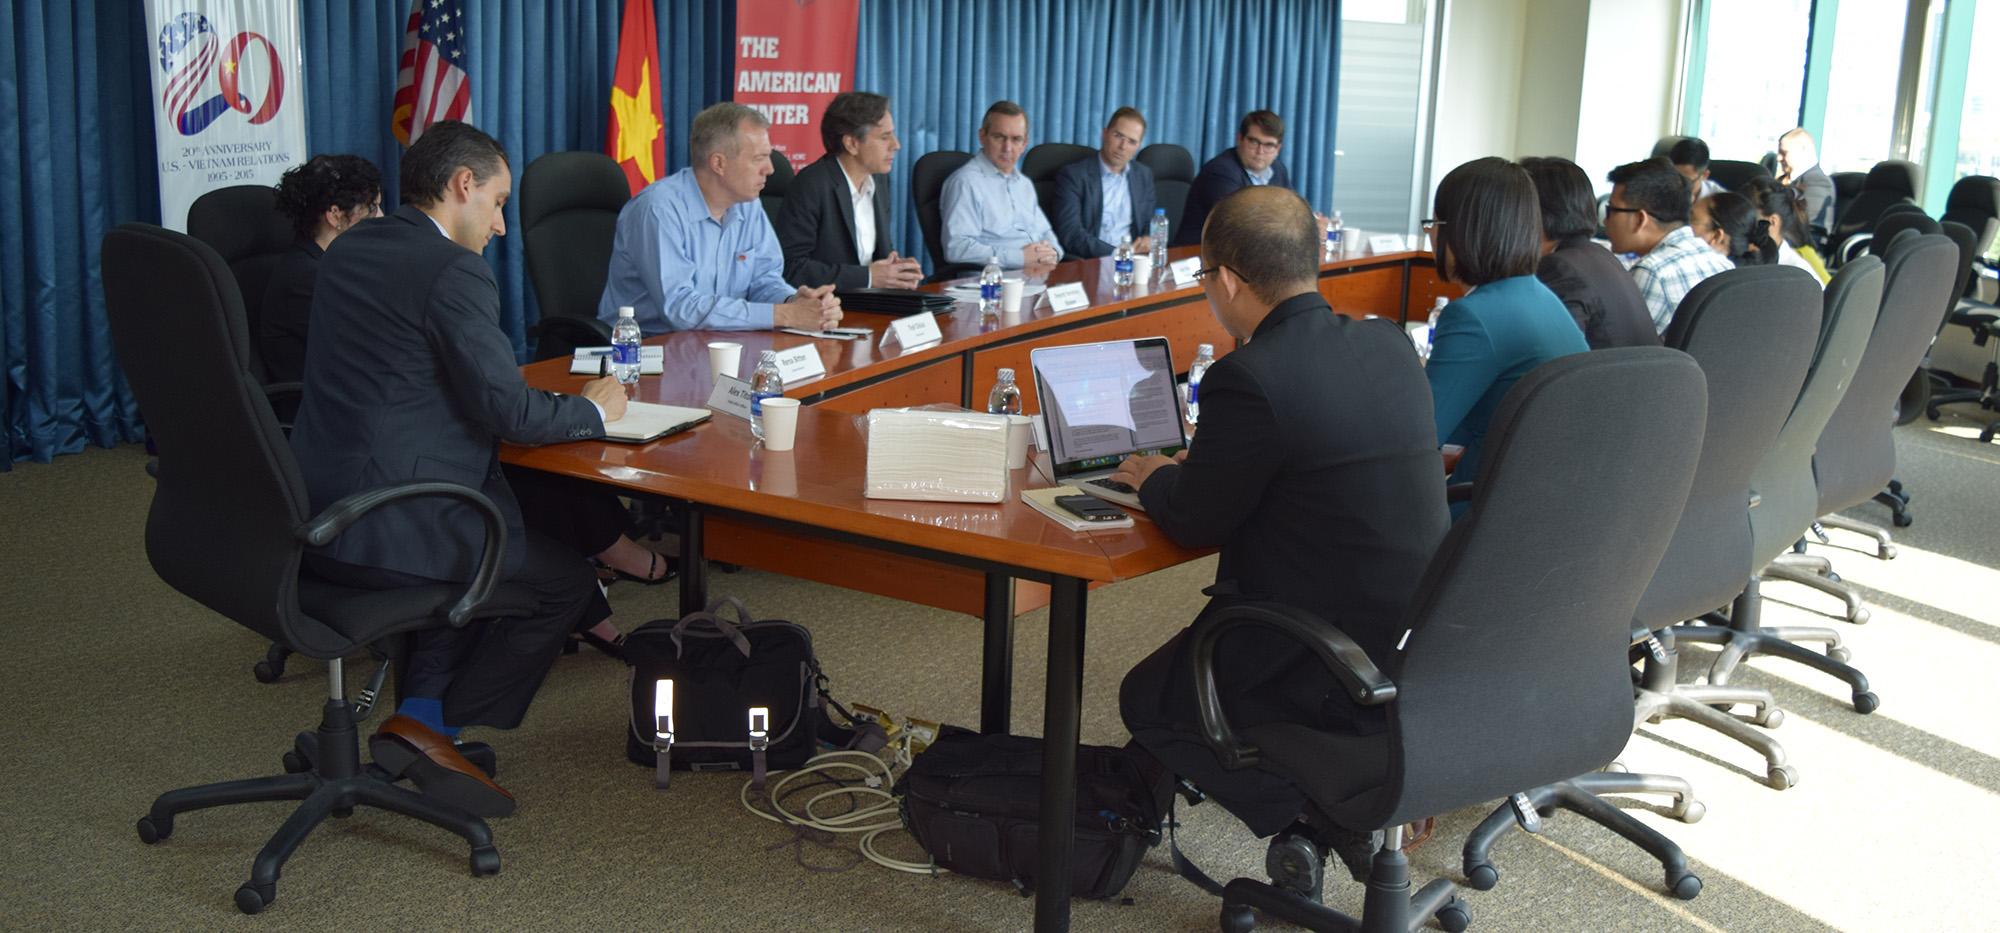 Thứ trưởng Antony Blinken gặp gỡ báo chí tại Trung tâm Hoa Kỳ